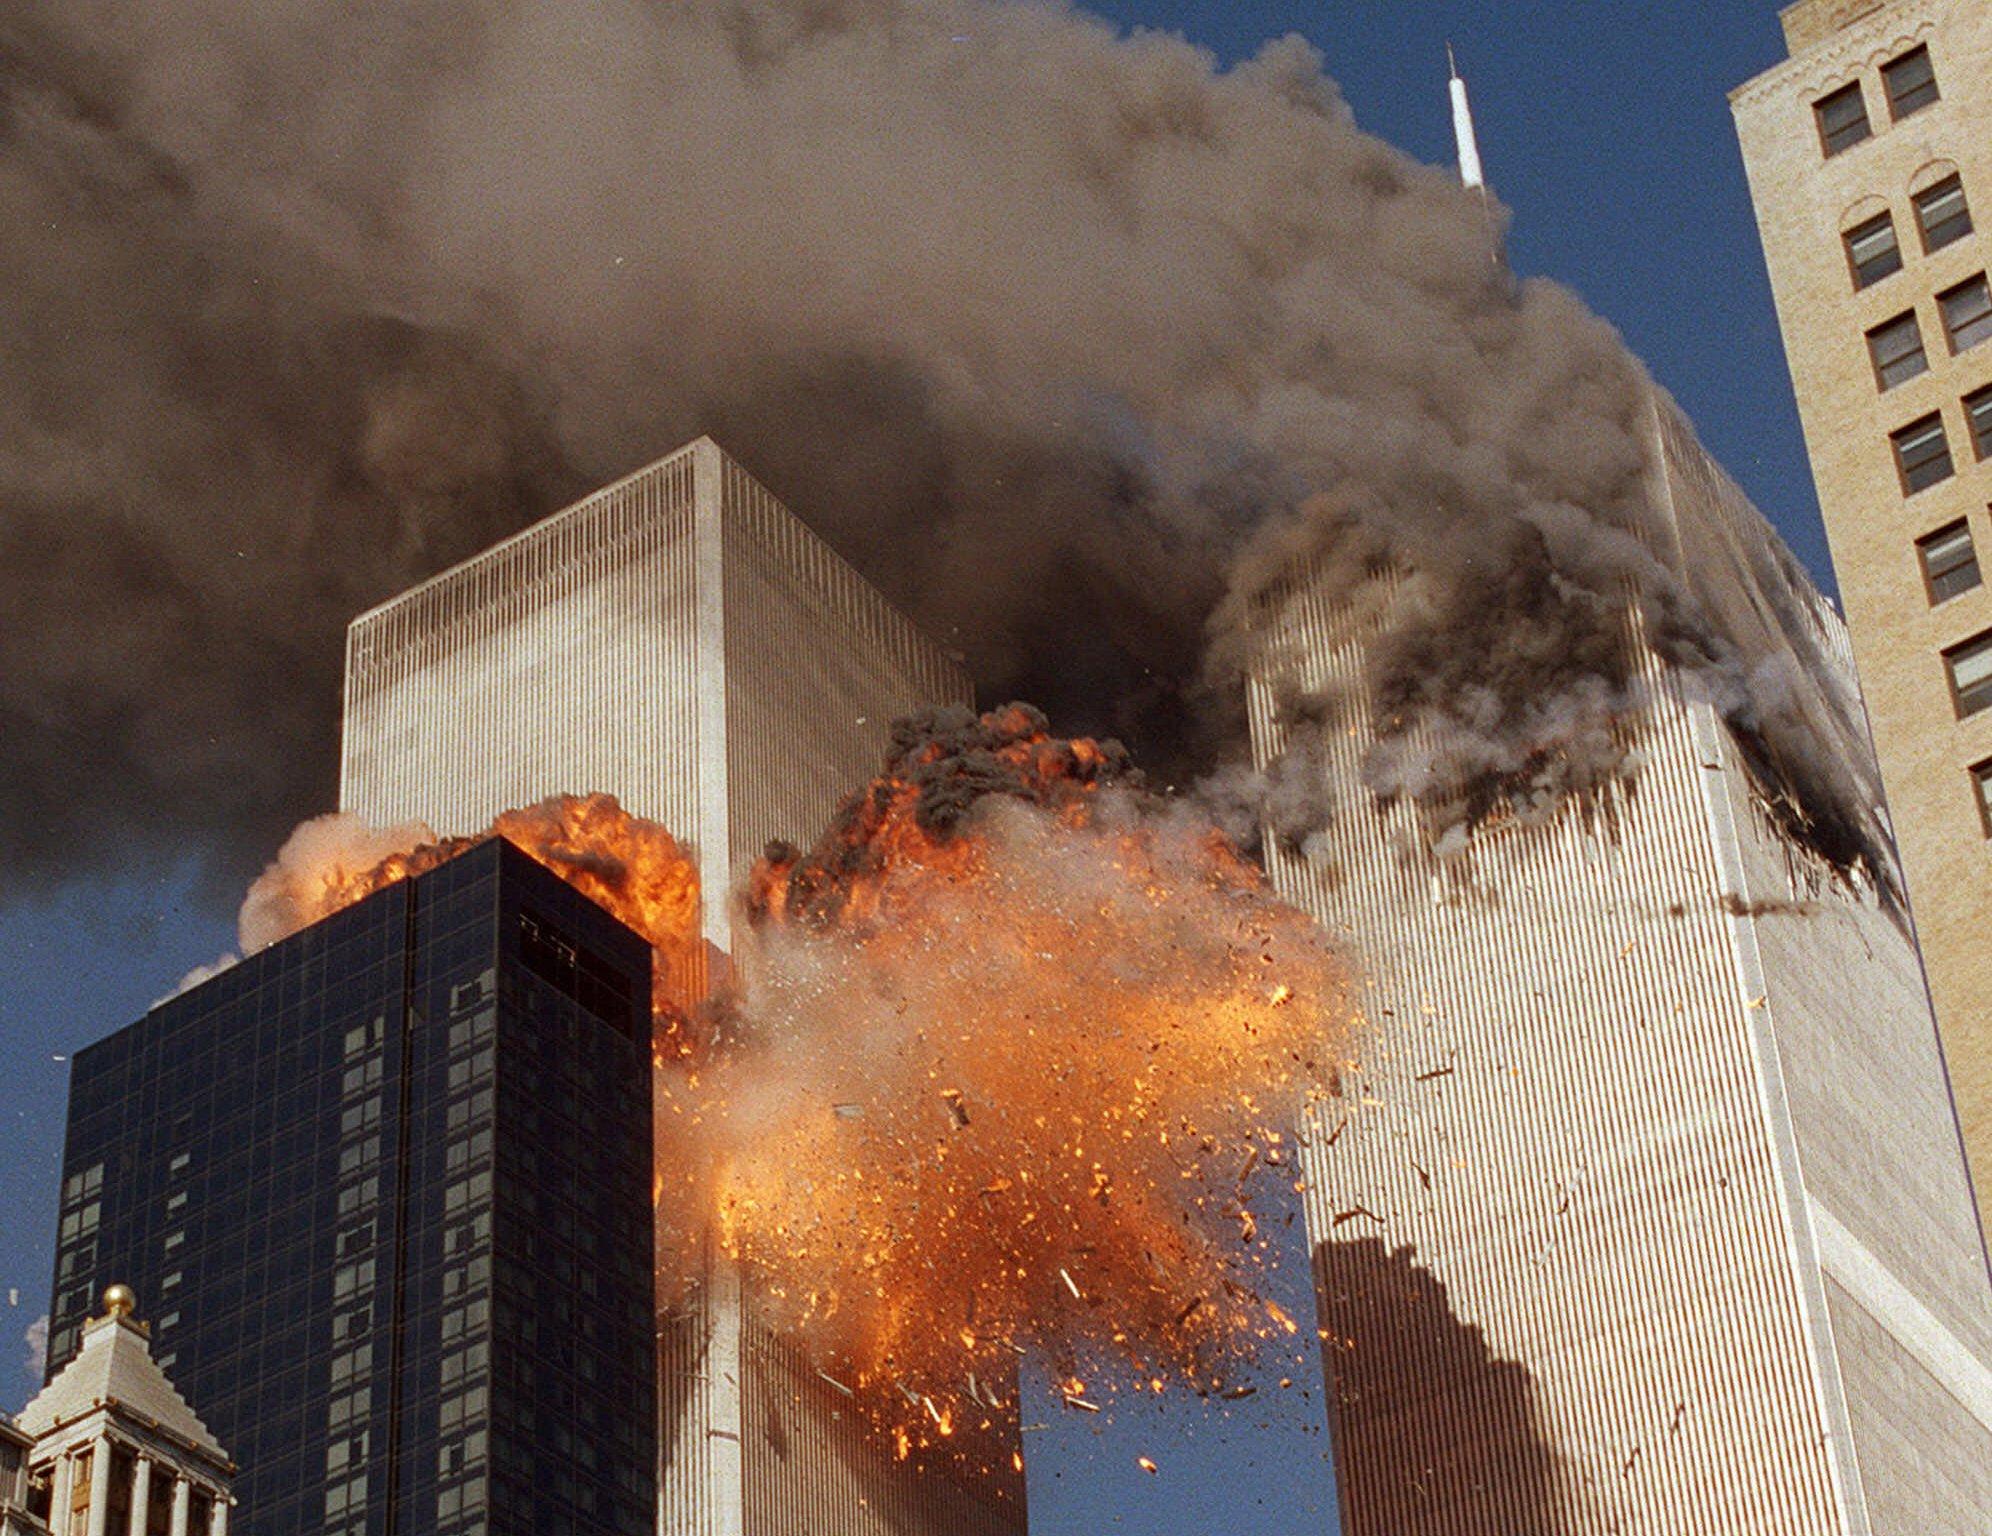 Saudi Arabia 9/11 lawsuit can proceed, judge rules - Washington Times